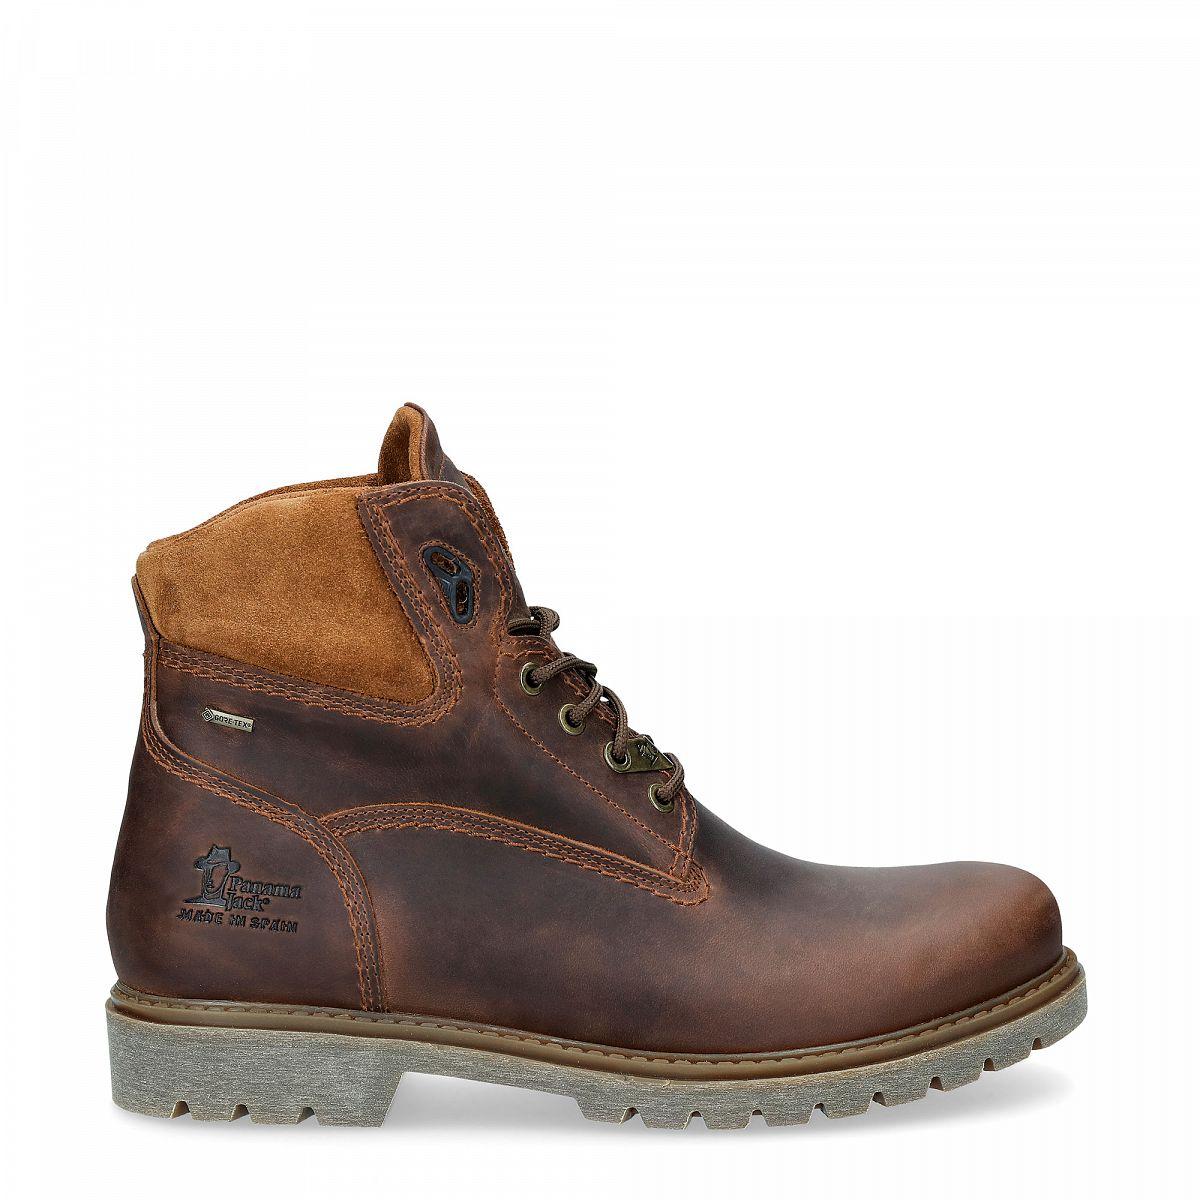 e8a05b73 Men's ankle boot AMUR GTX natural | PANAMA JACK® Official store